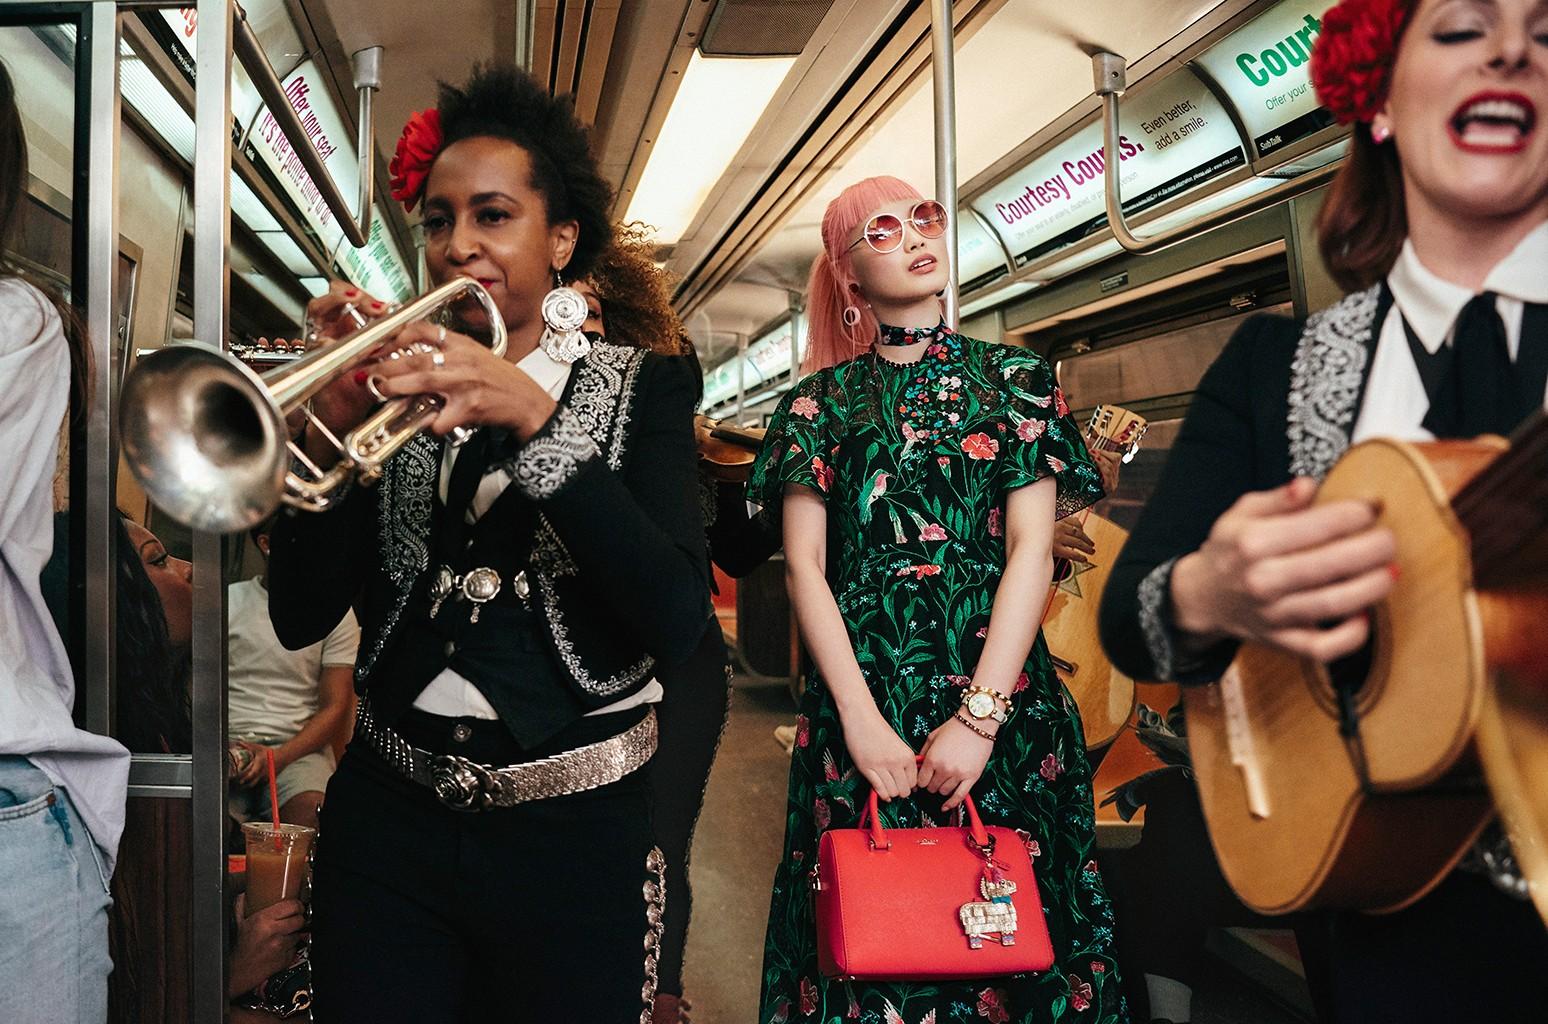 Kate Spade New York Summer 2017 Campaign featuring Mariachi Flor de Toloache